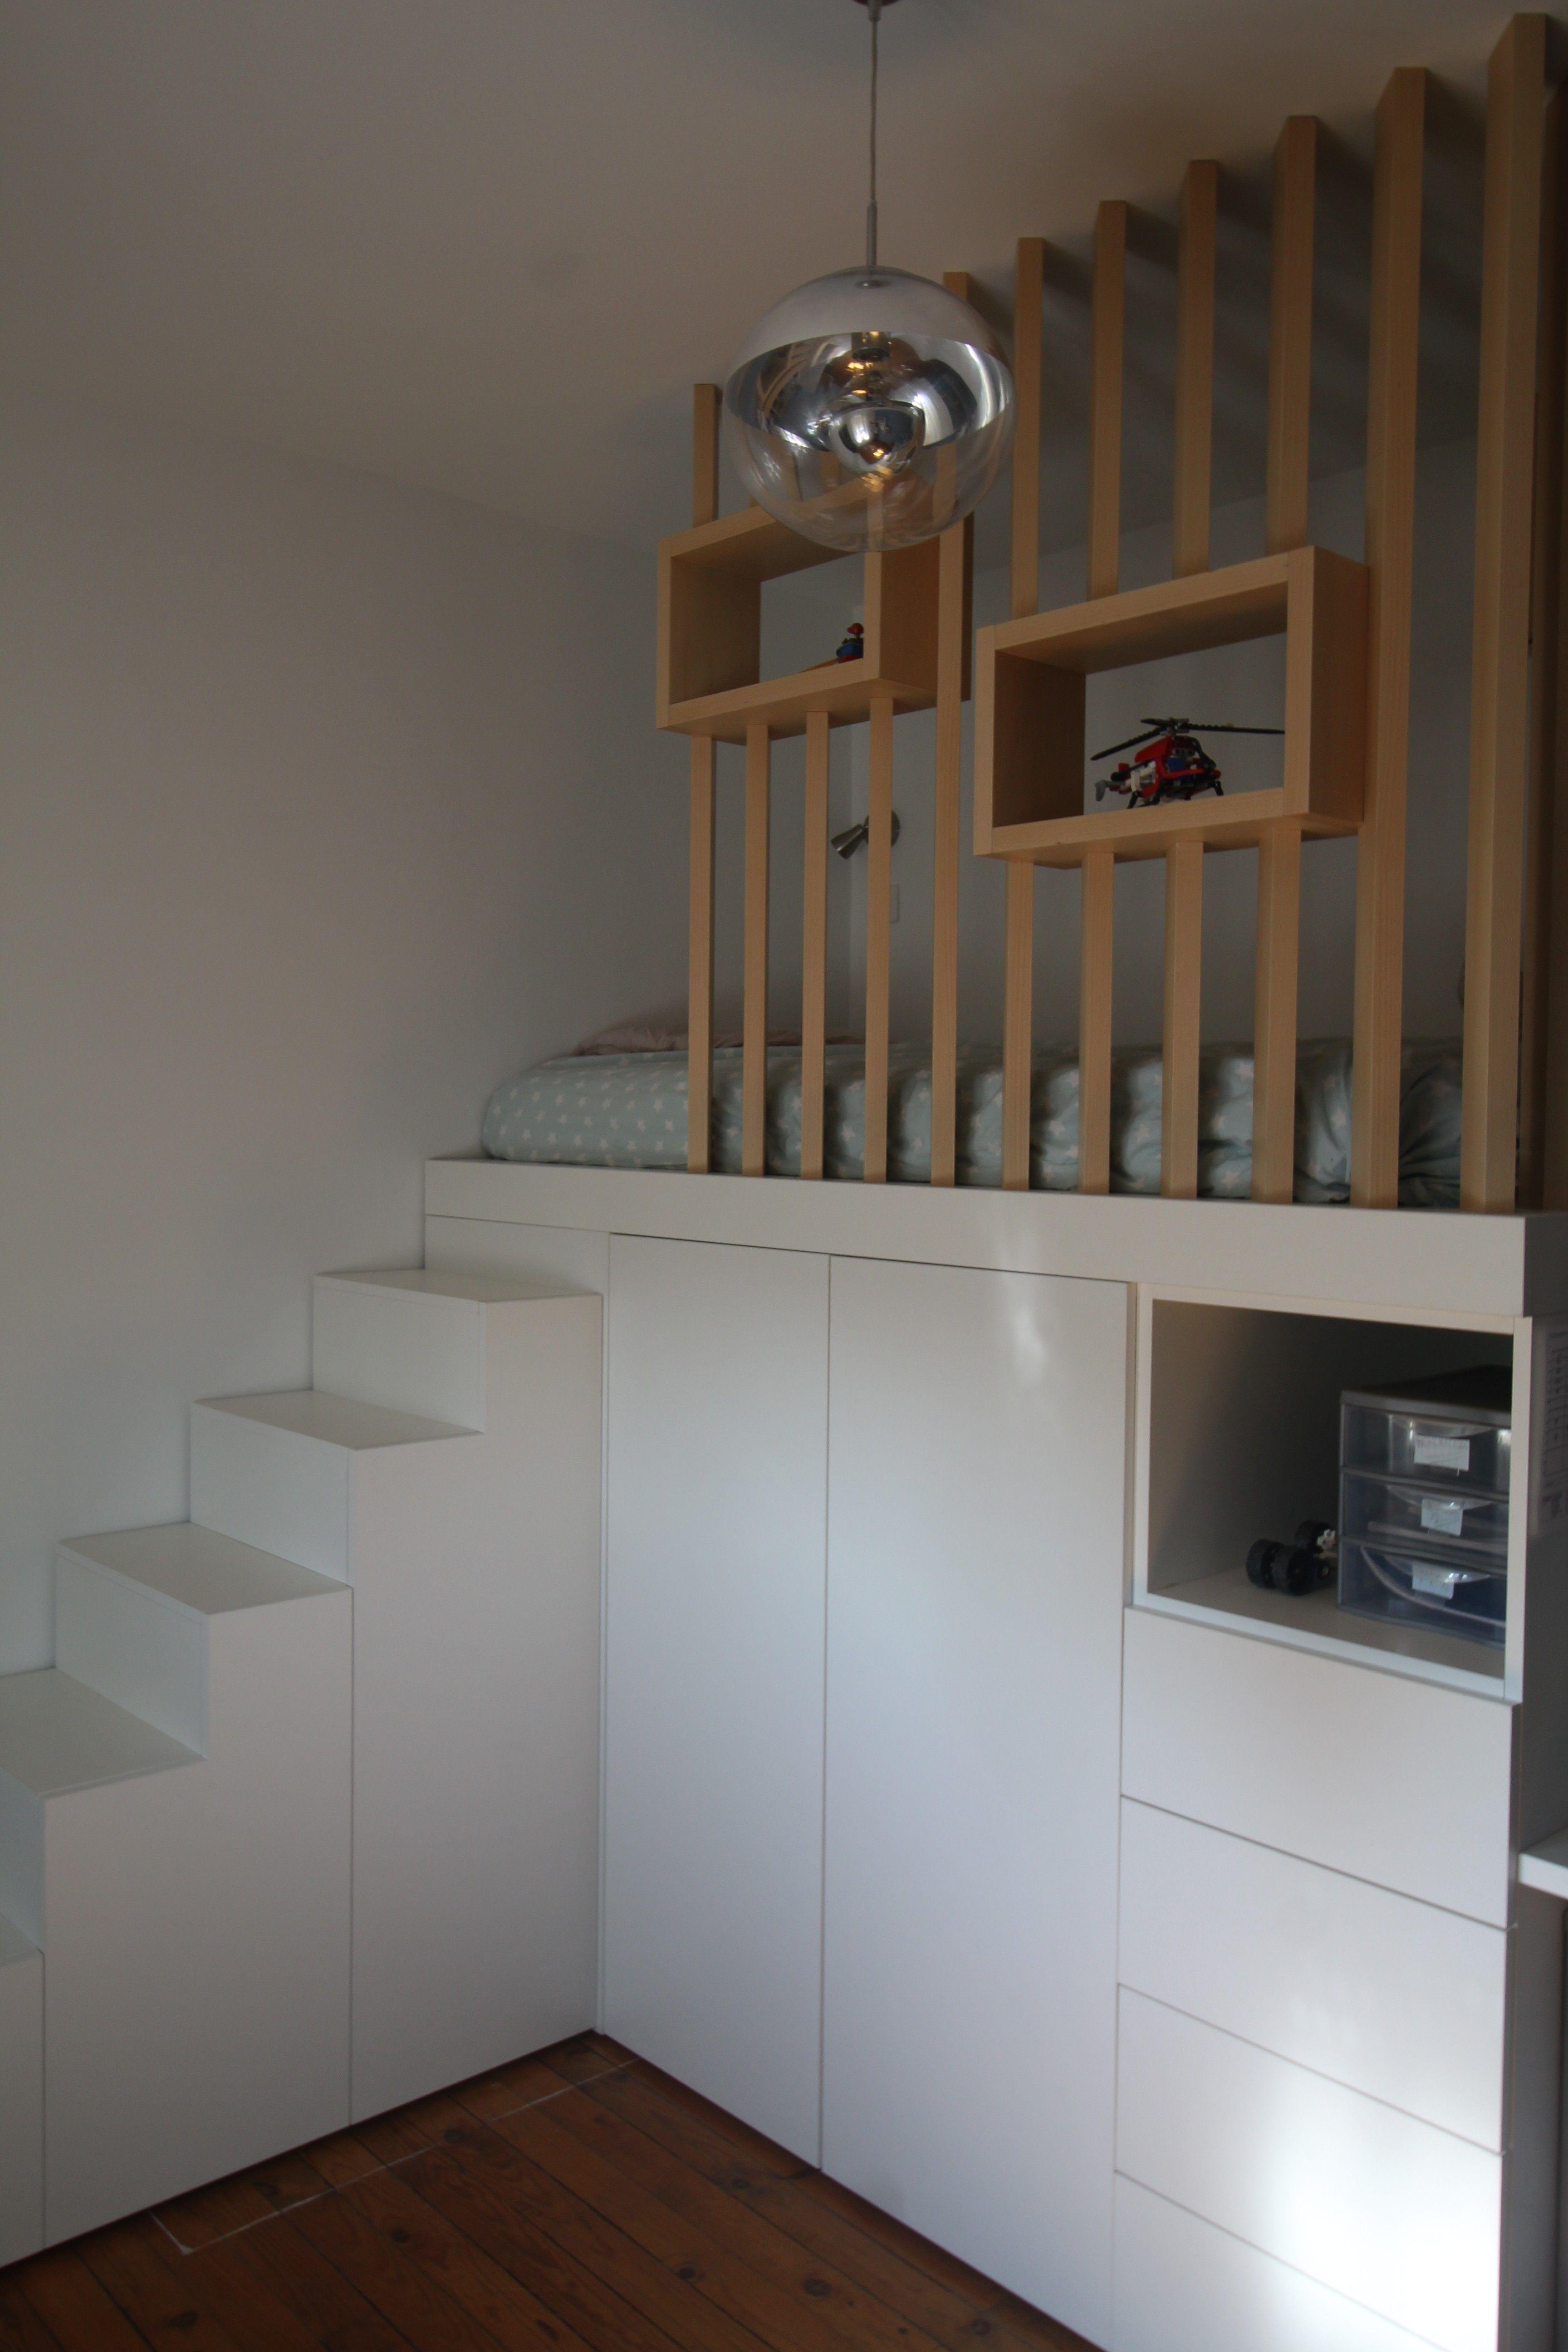 Décoration intérieure, aménagement, rénovation et suivi de chantier ...